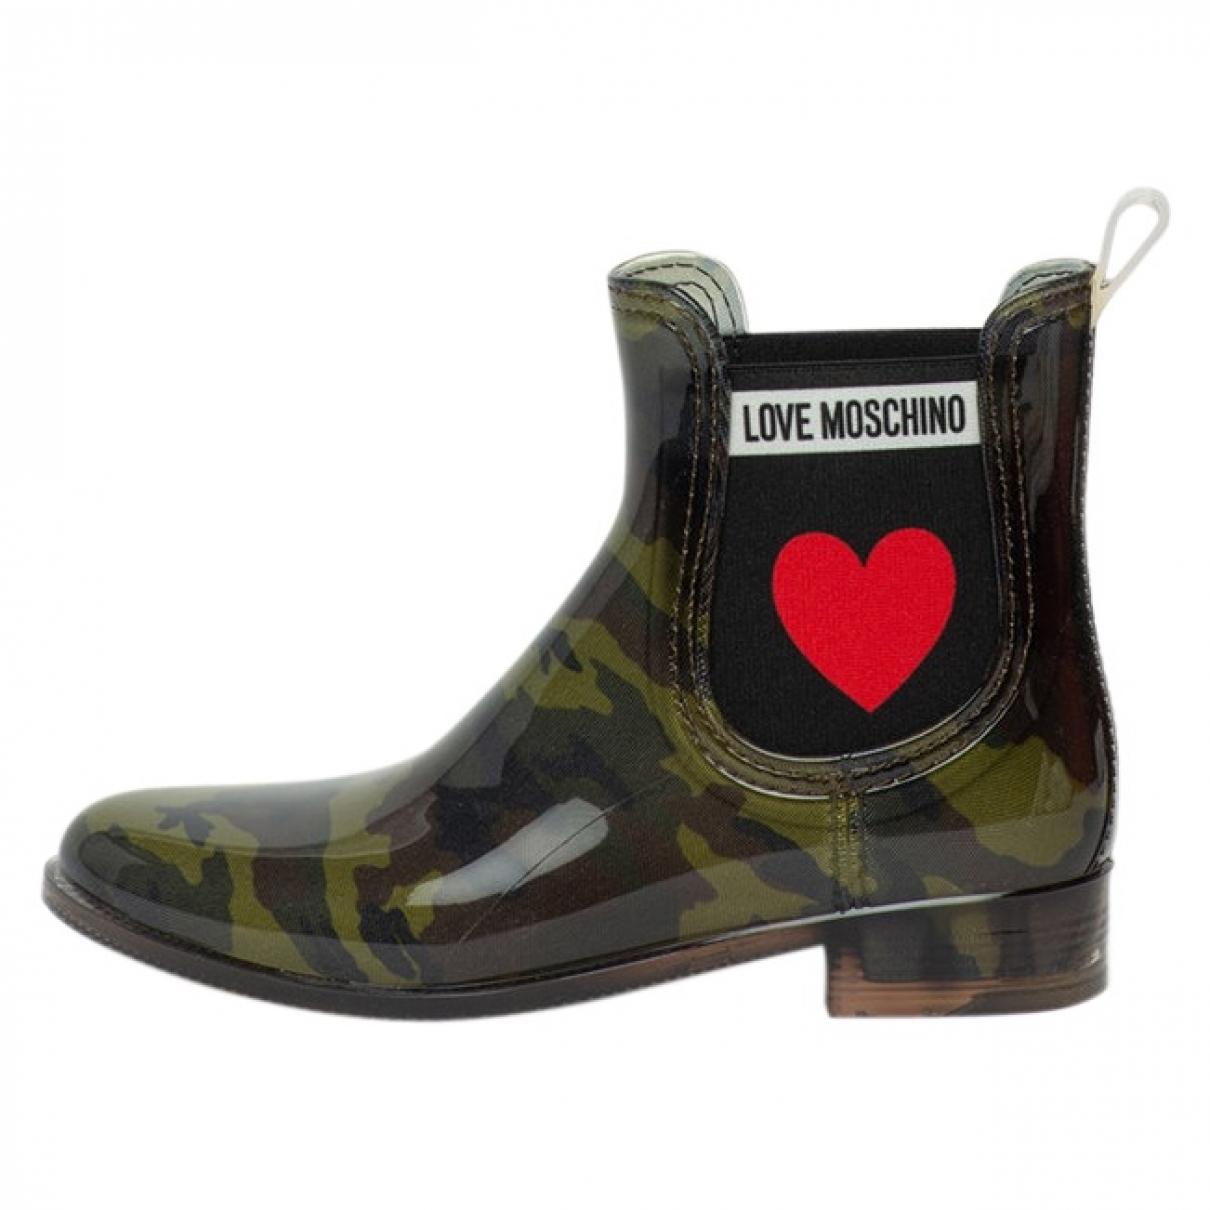 Botines Moschino Love